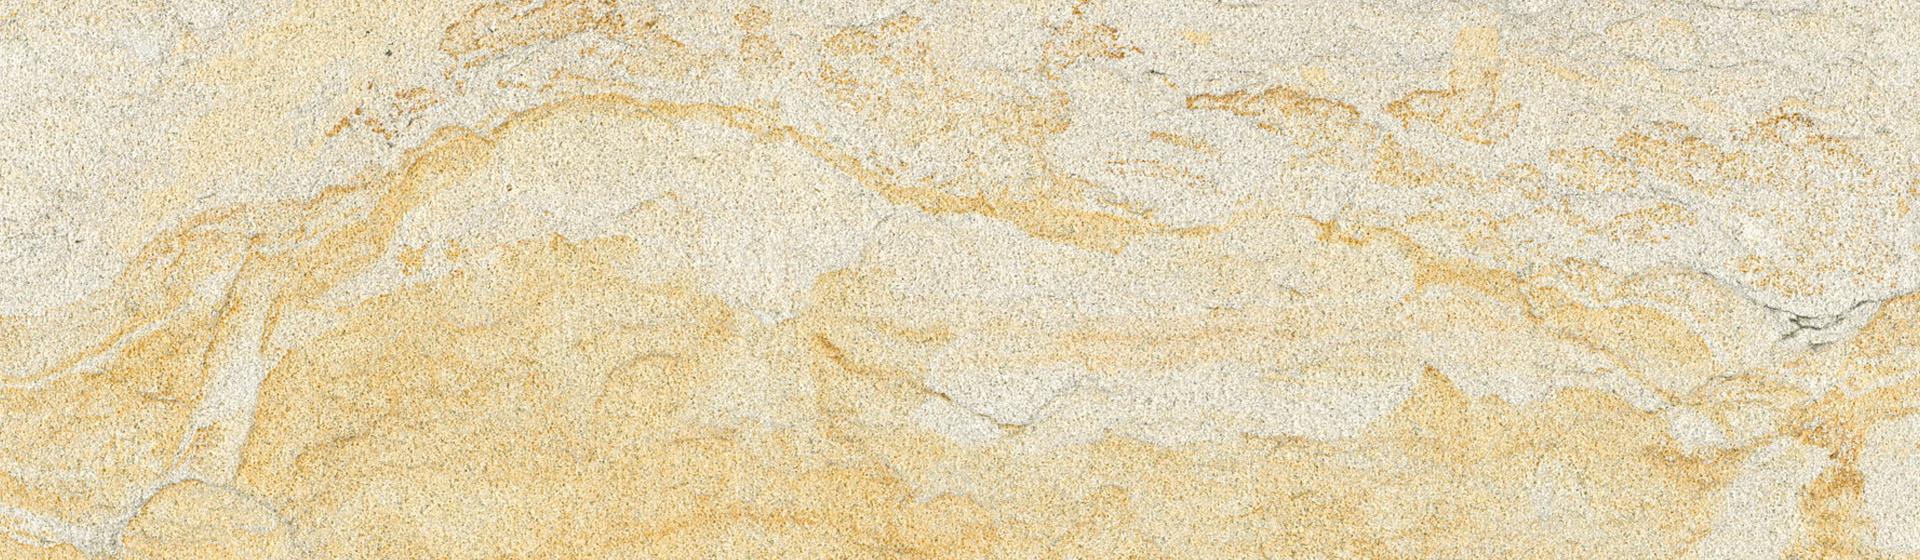 Reinigung & Sanierung von Naturstein und Fliesen